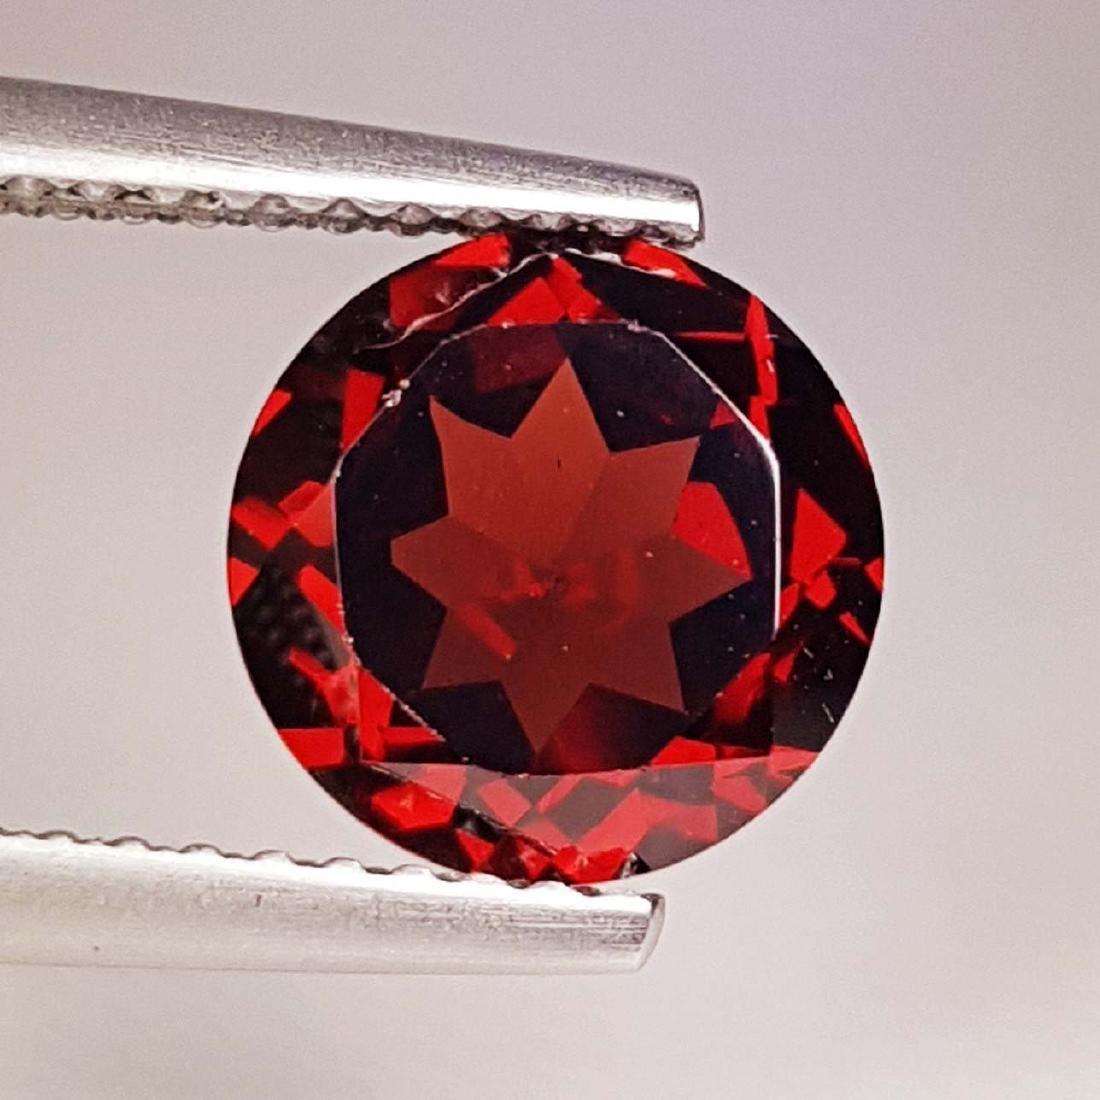 Natural Pyrope - Almandite Red Garnet - 2.34 ct